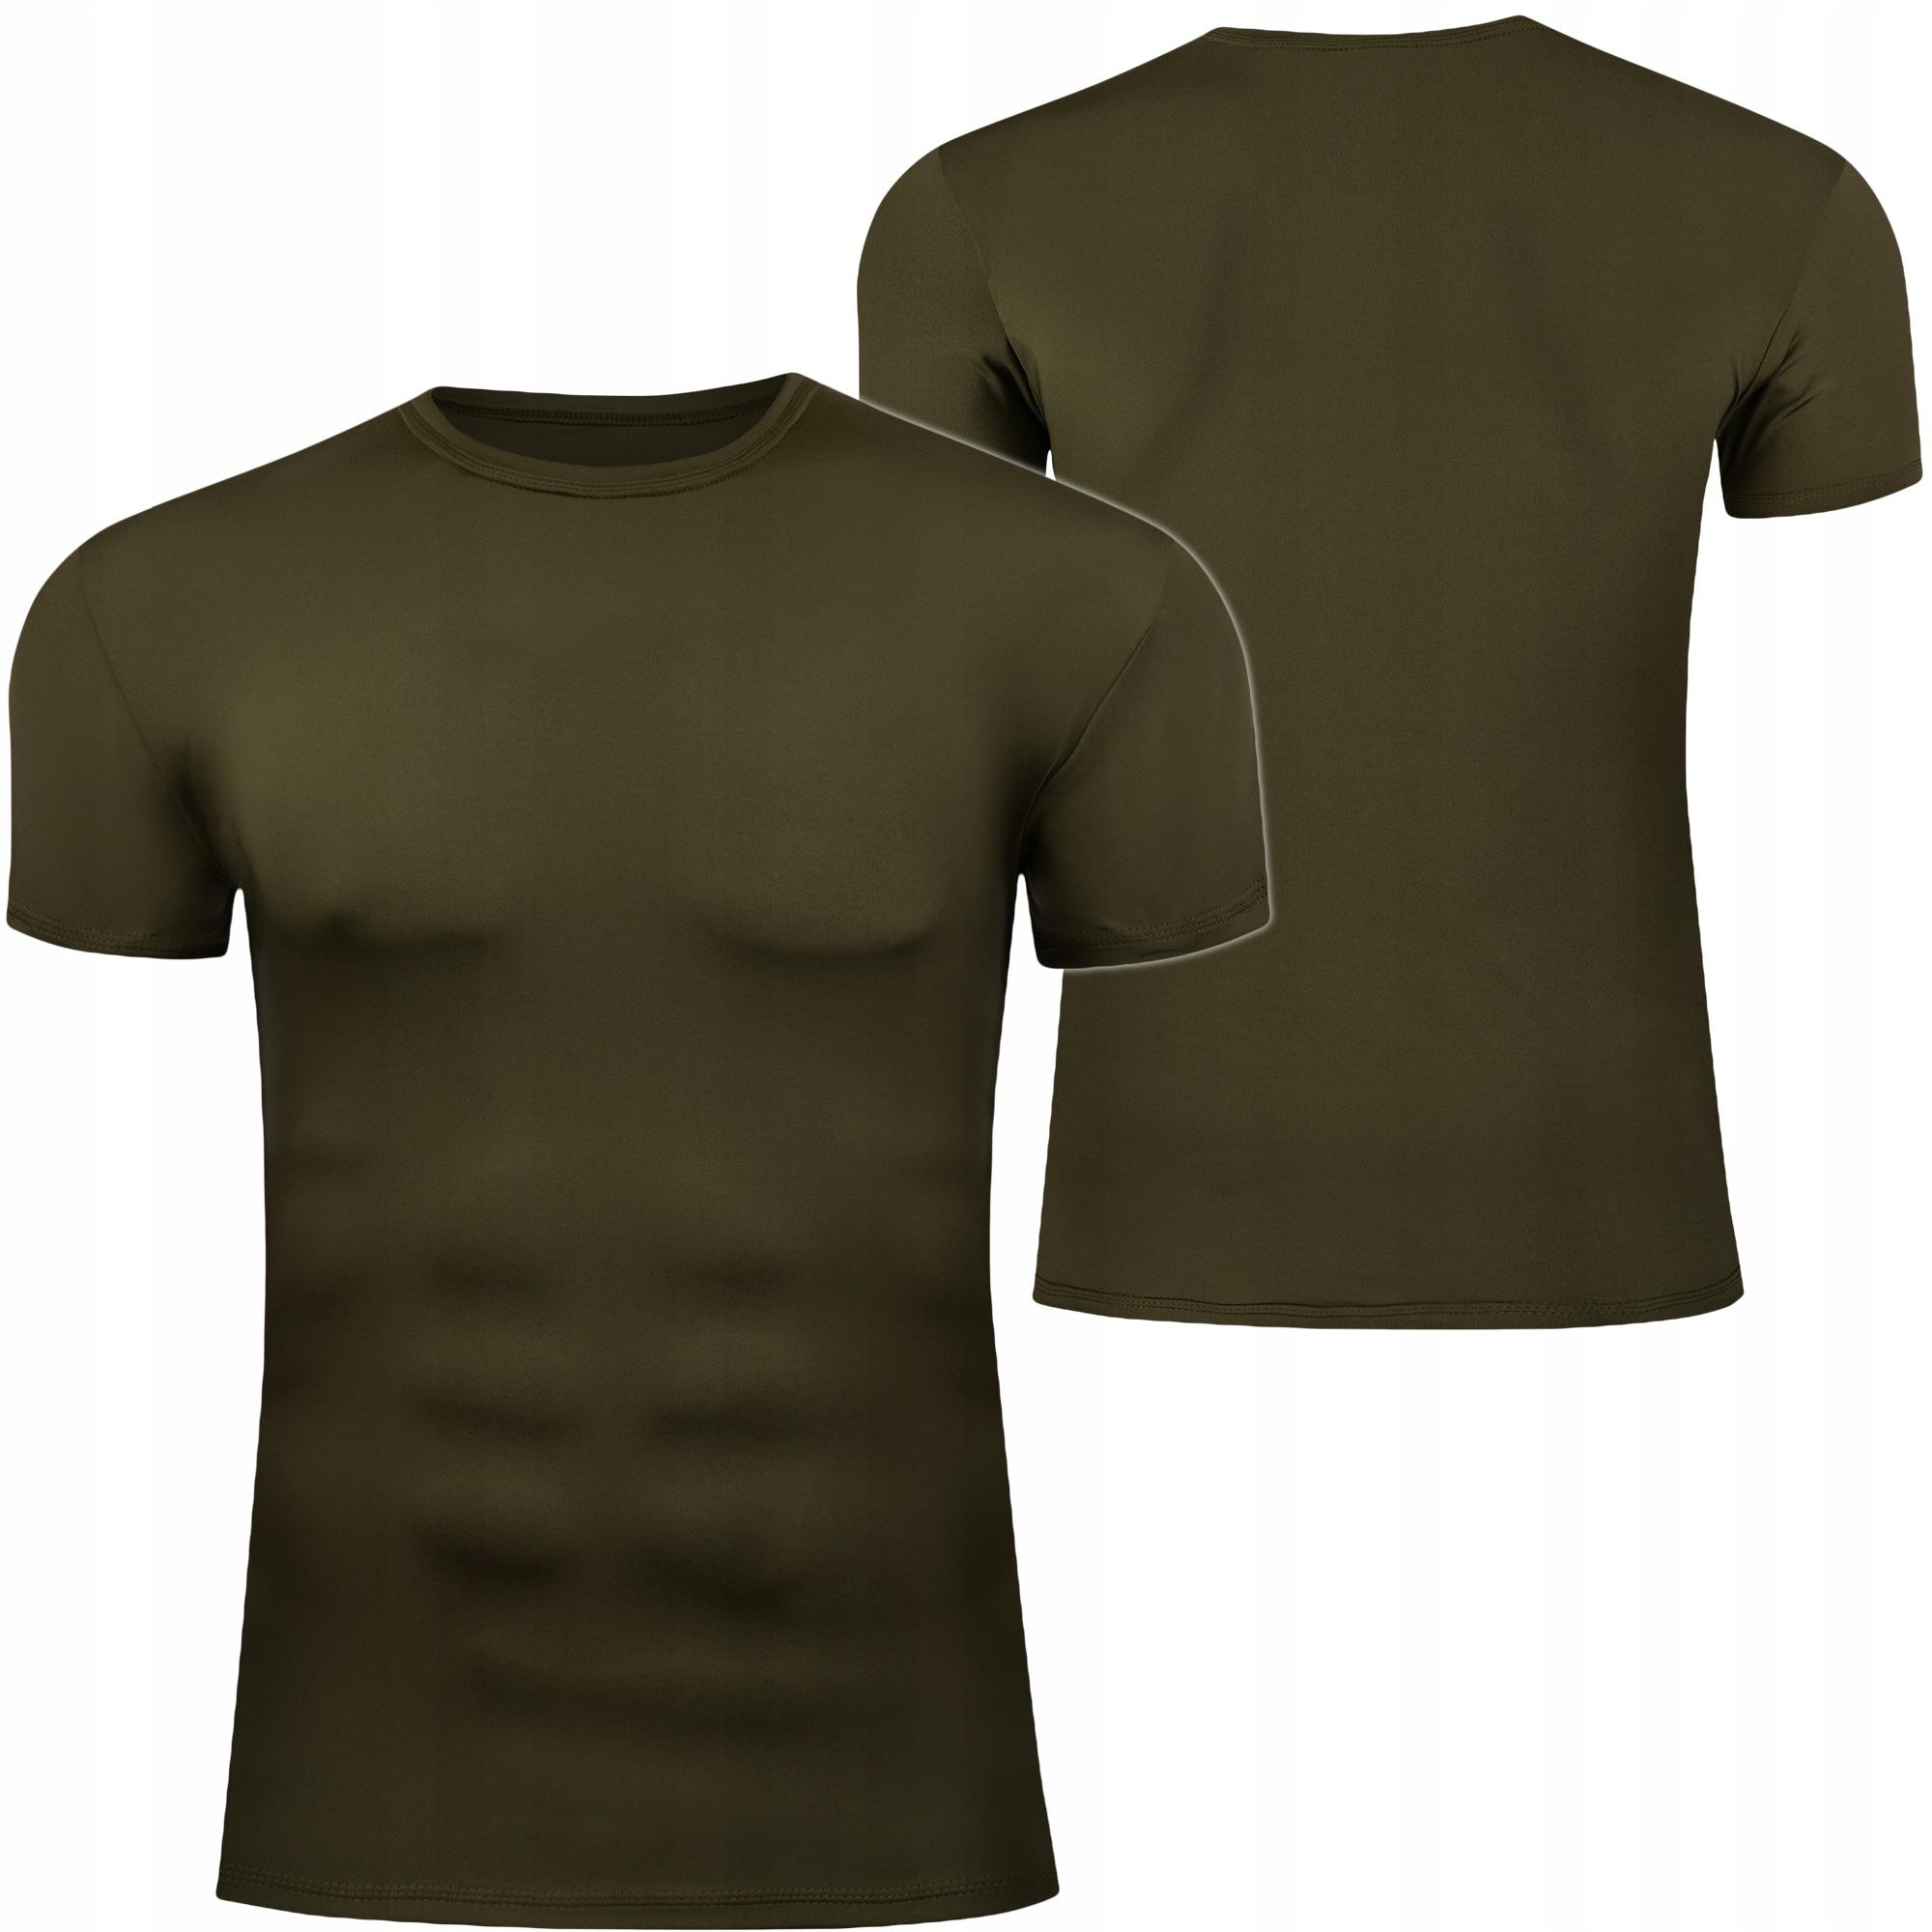 18 Termoaktívne tričko Khaki Olivová armáda L